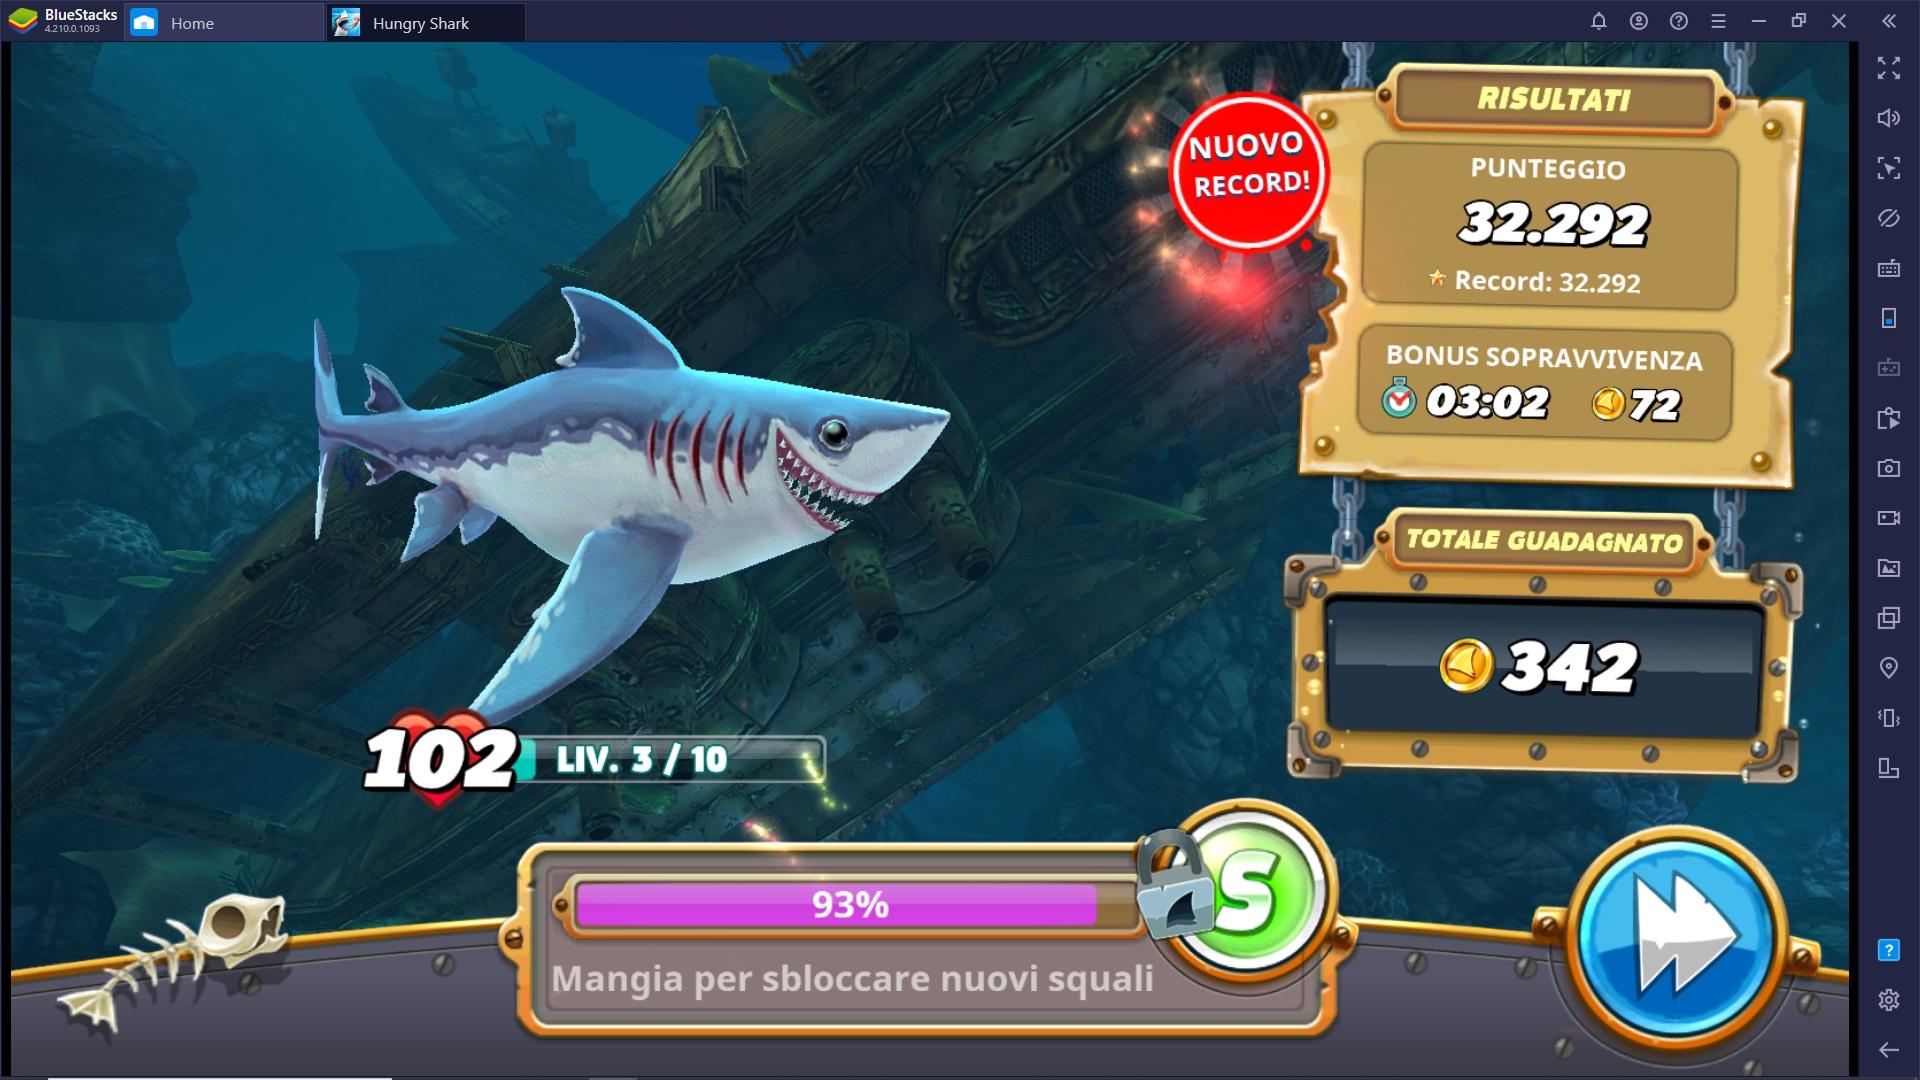 La guida per i nuovi giocatori di Hungry Shark World